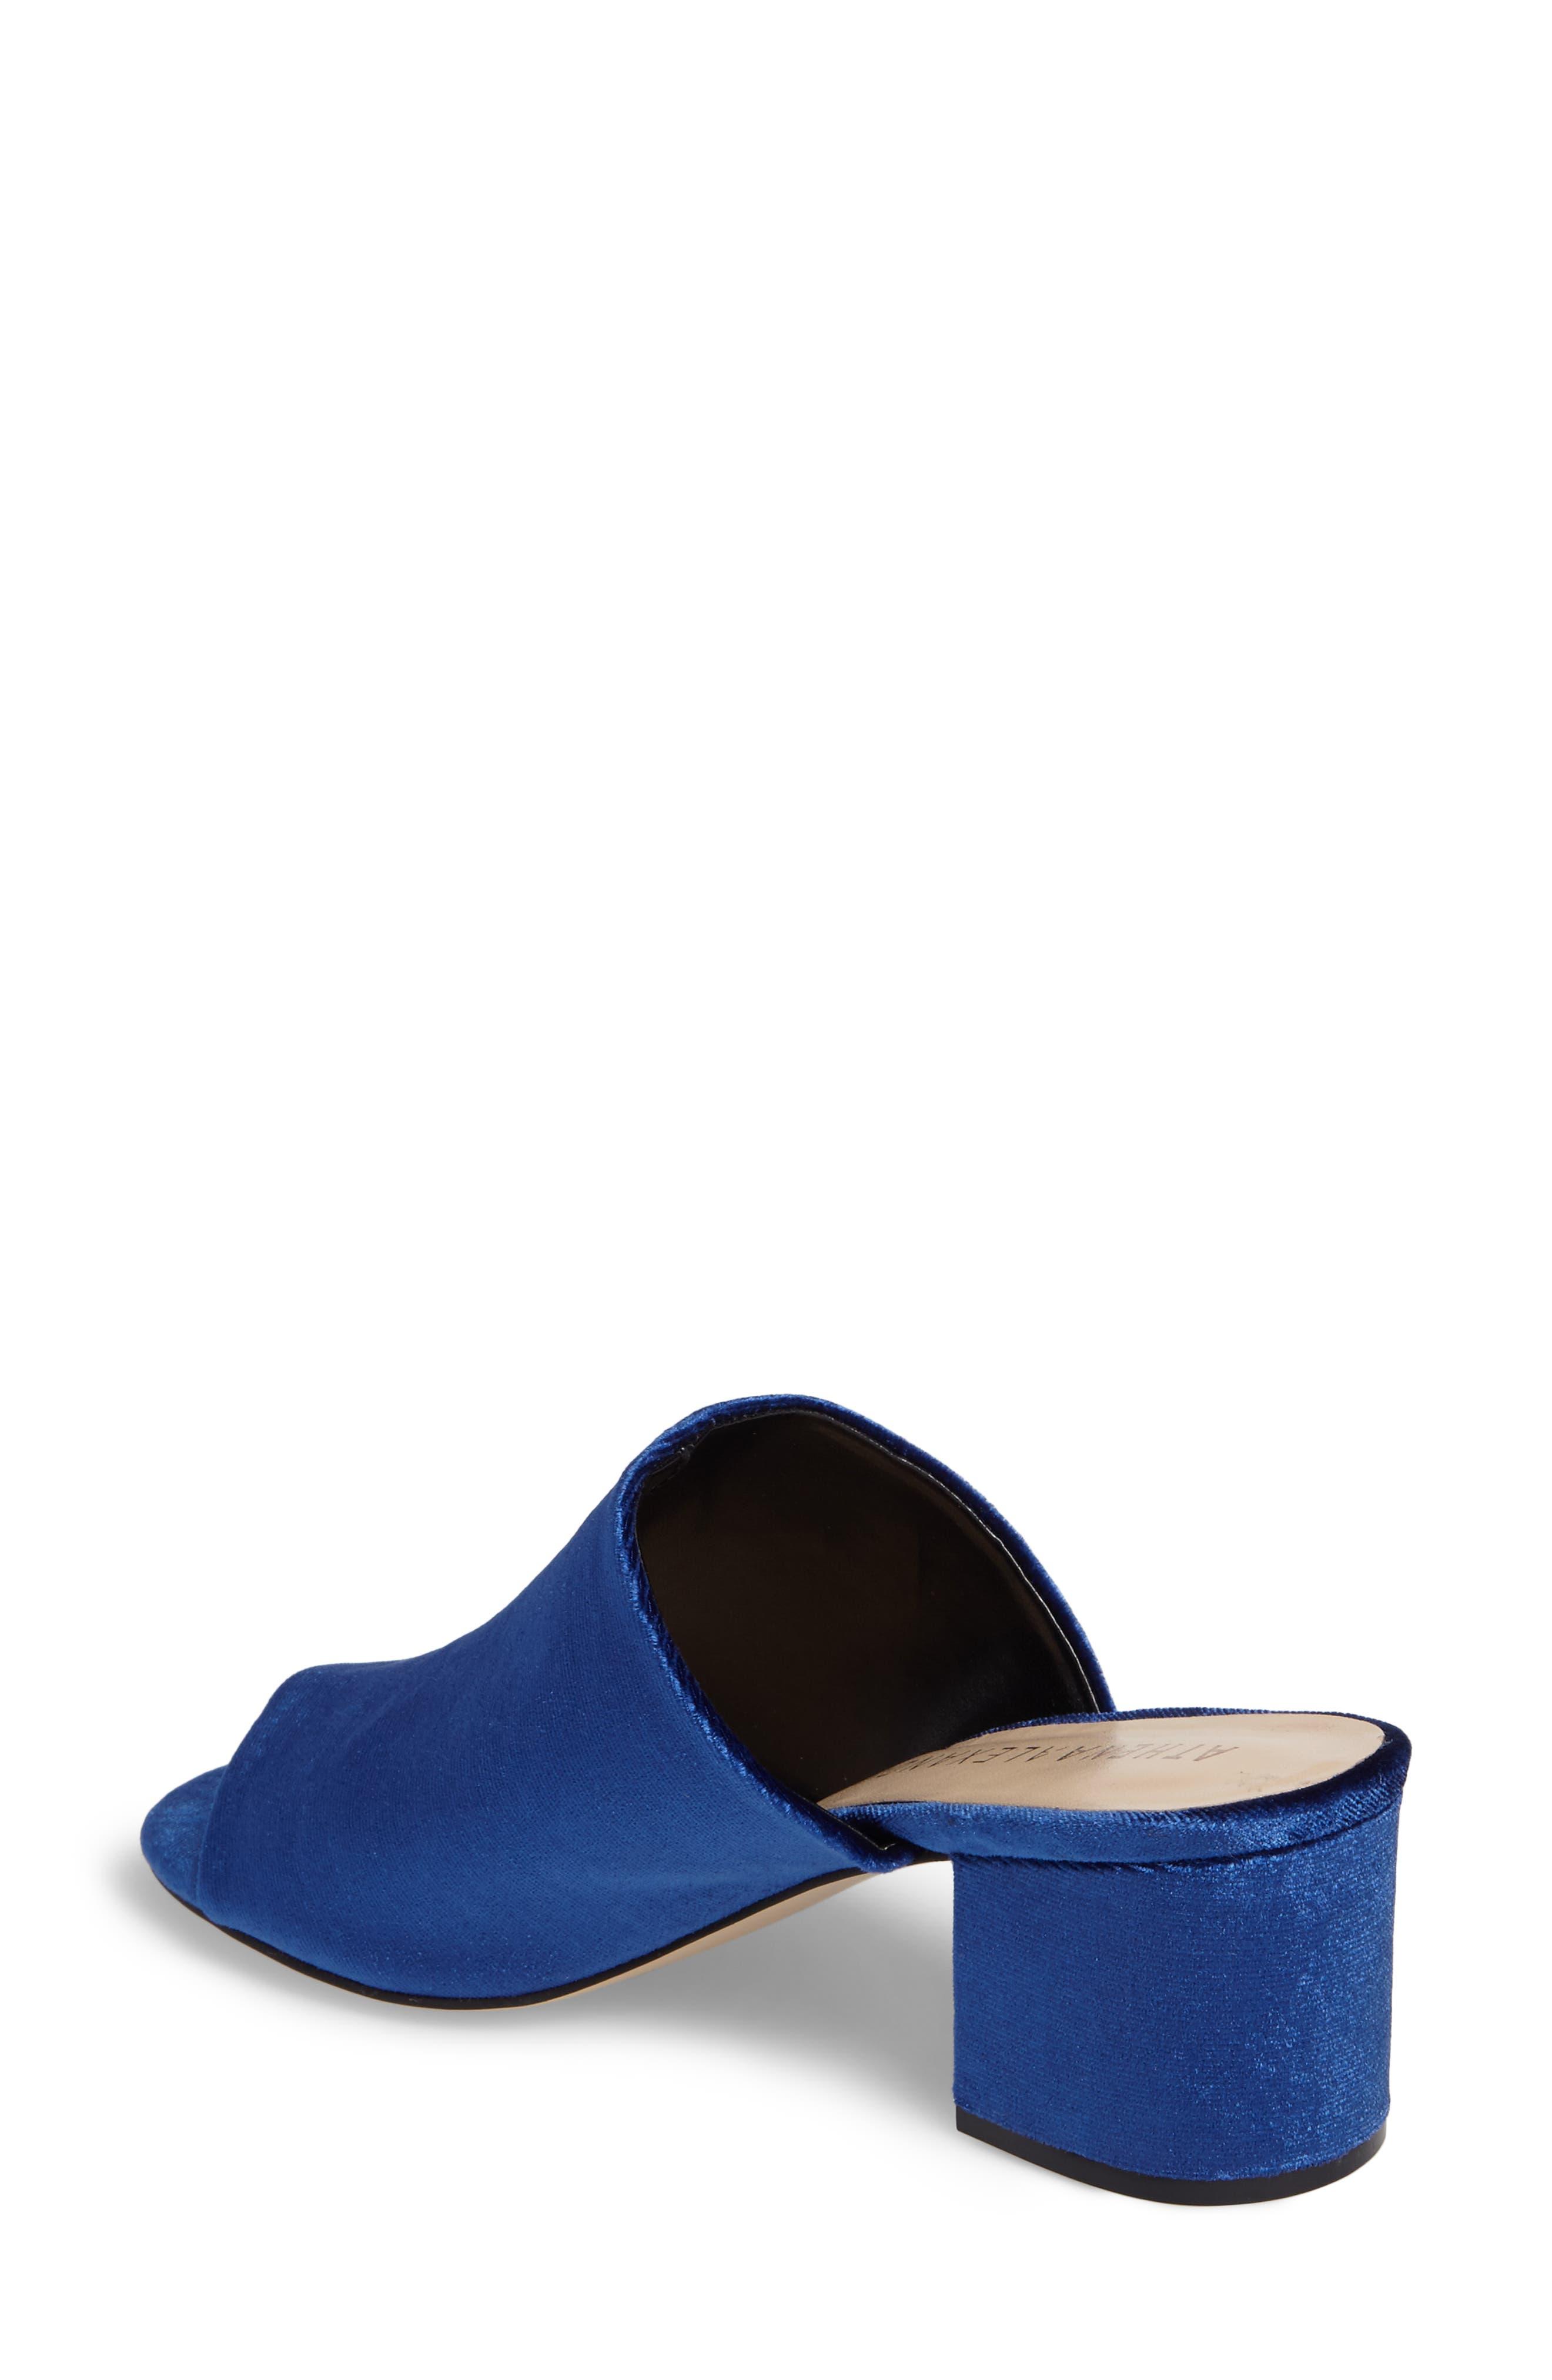 Robyne Slide Sandal,                             Alternate thumbnail 2, color,                             Navy Velvet